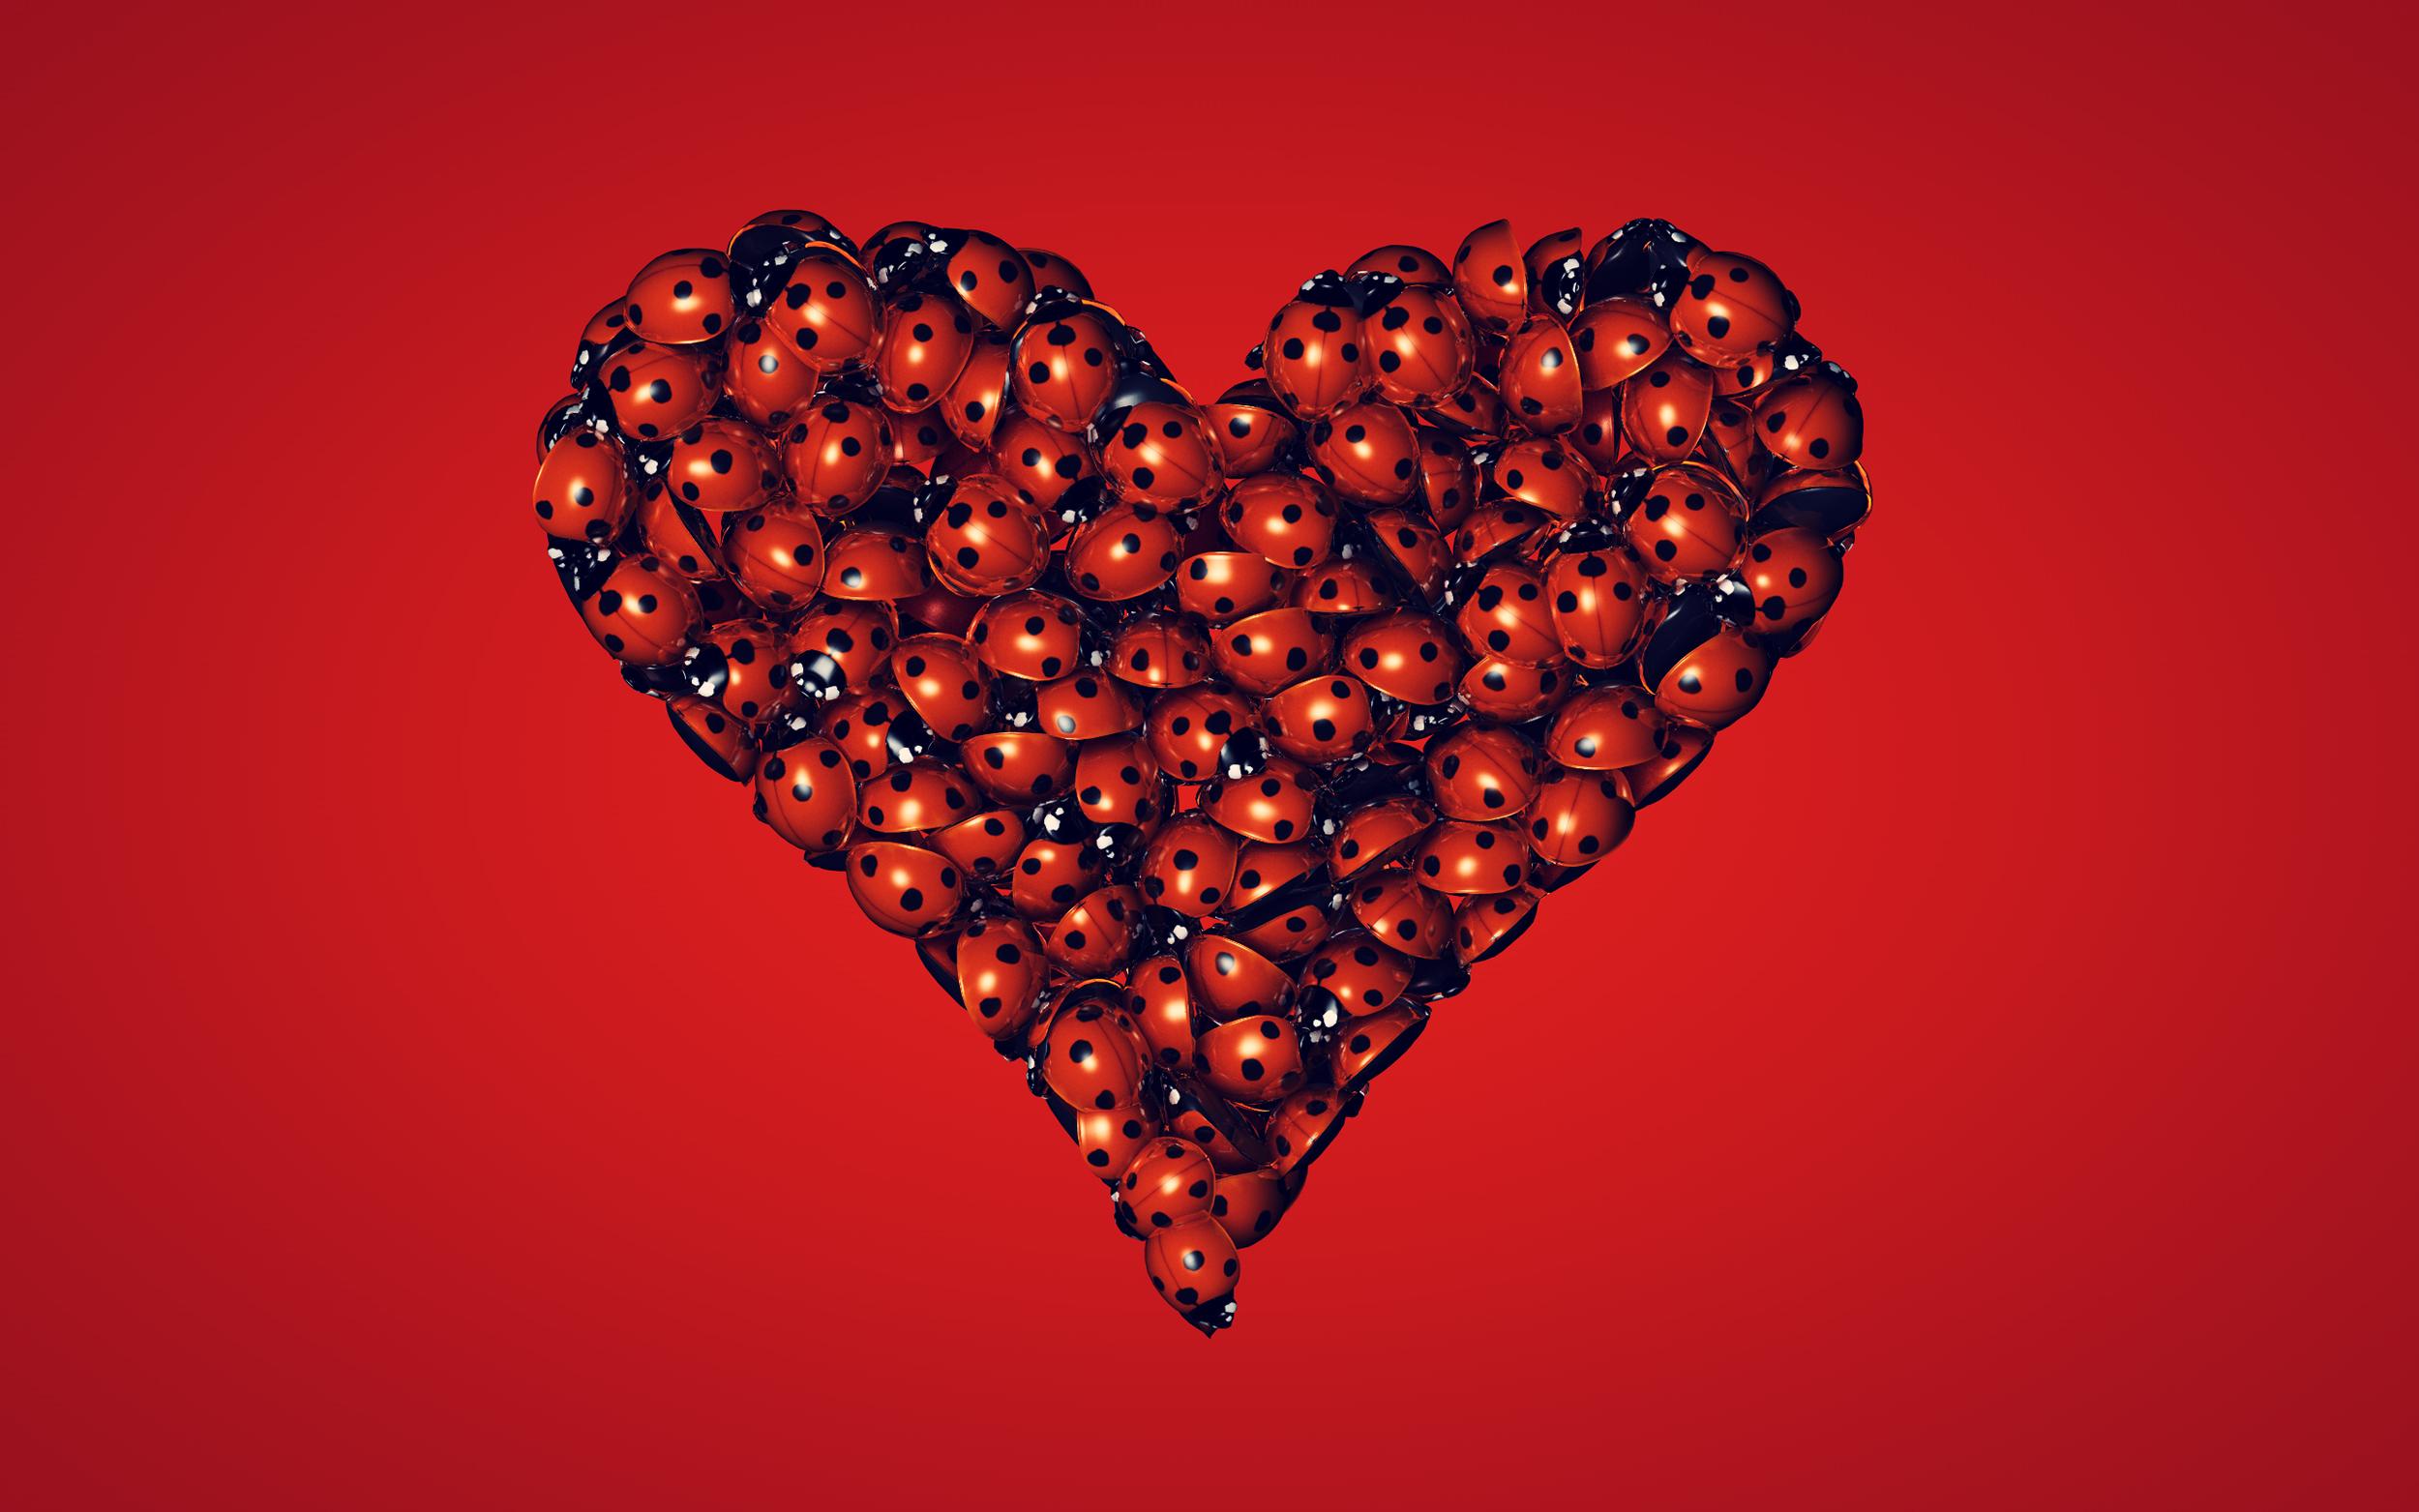 20120924_Ladybug_Heart.jpg